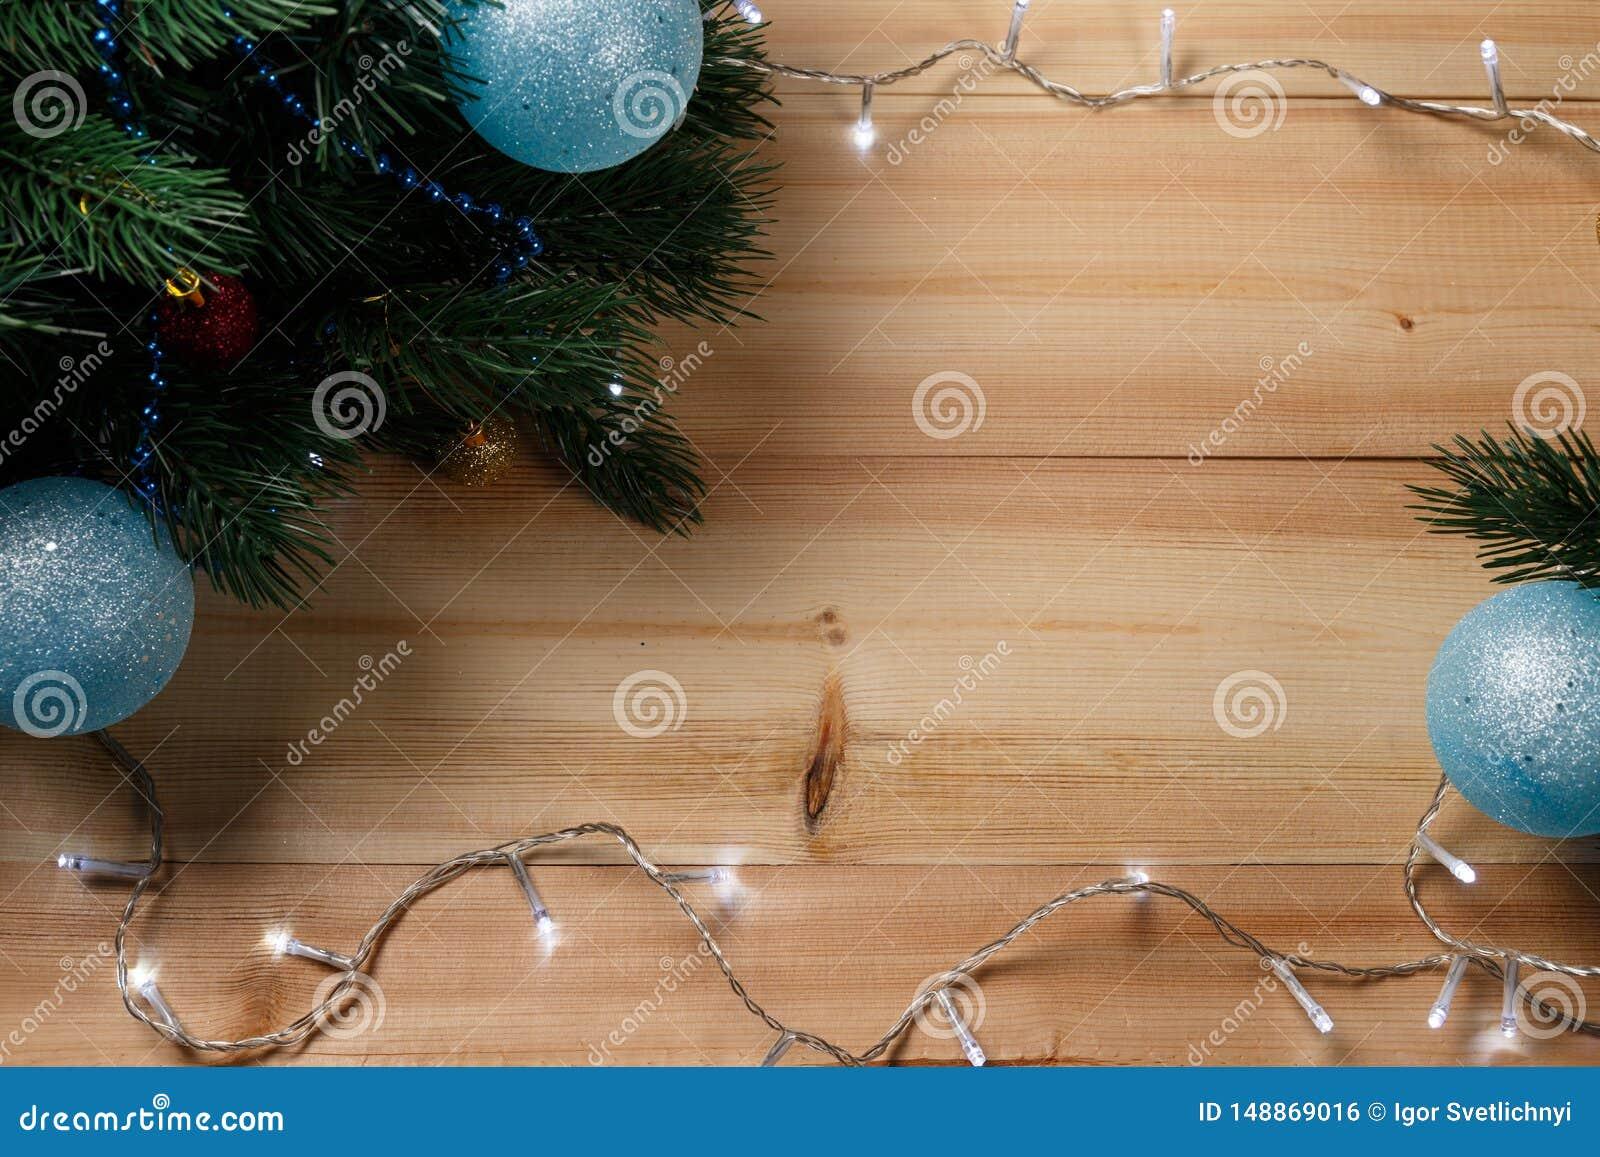 Bo?e Narodzenia lub nowy rok dekoracji t?o: drzewo rozga??zia si?, kolorowe szklane pi?ki na drewnianym tle